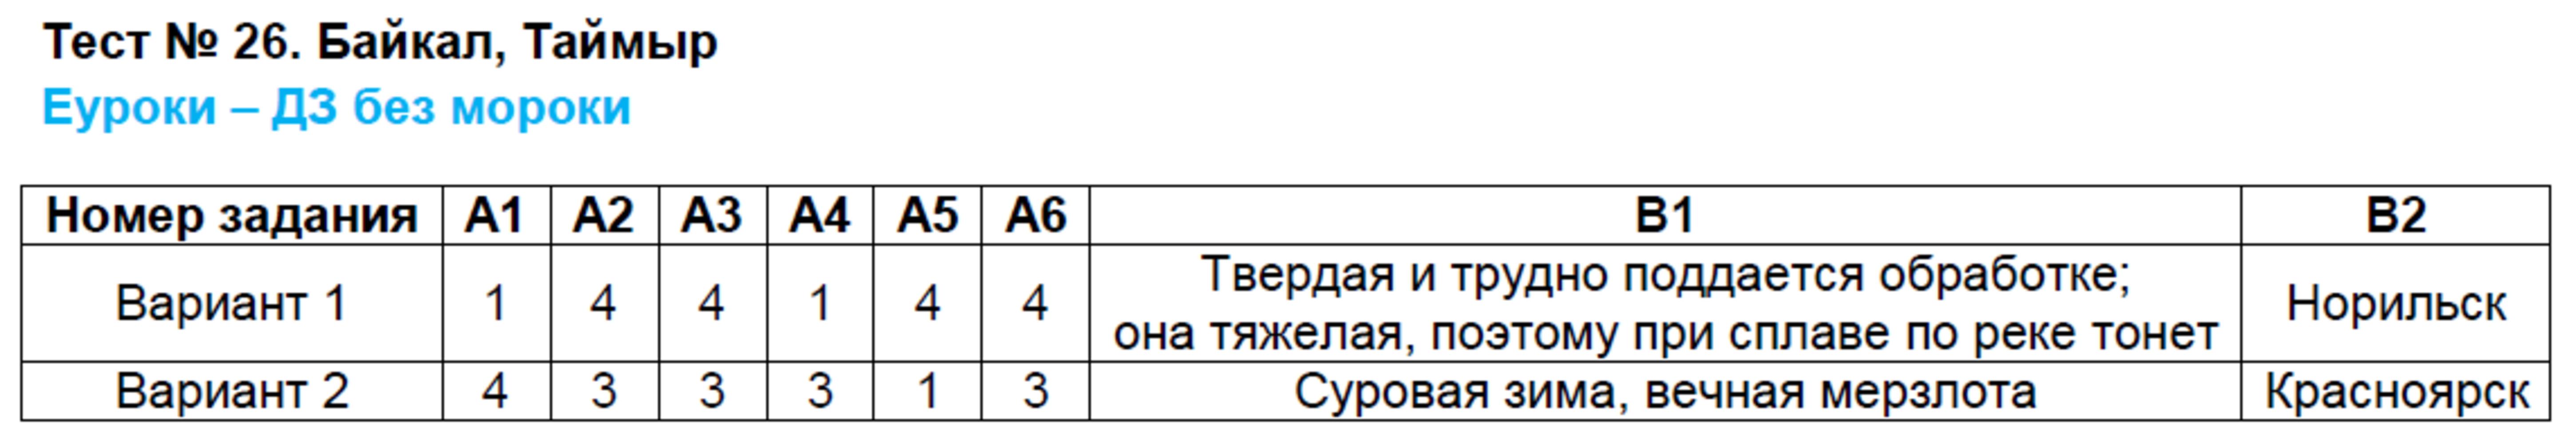 ГДЗ по географии 8 класс контрольно-измерительные материалы Жижина. Задание: Тест 26. Байкал, Таймыр